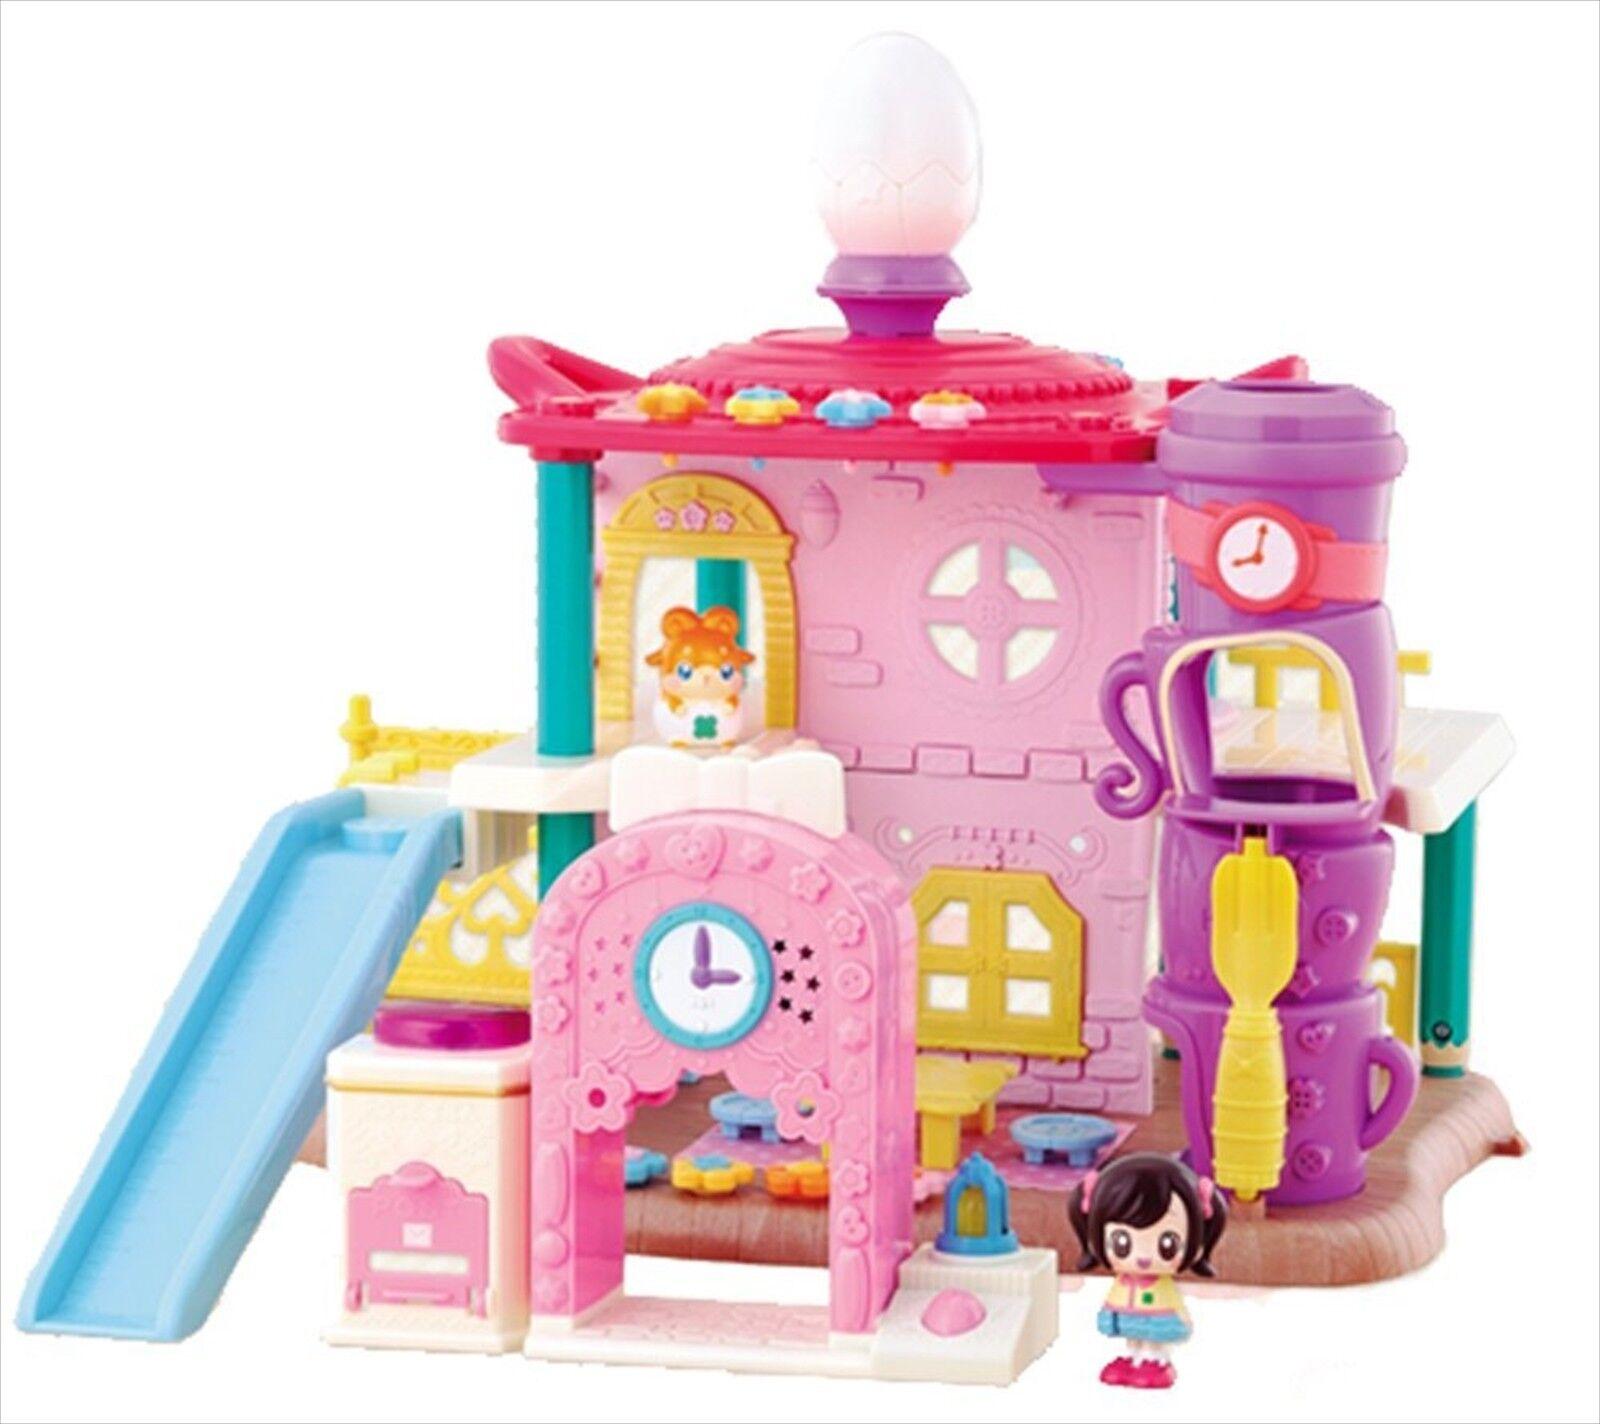 Bandai Together with the Kokoro The Big Kokotama Doll House Gift Set